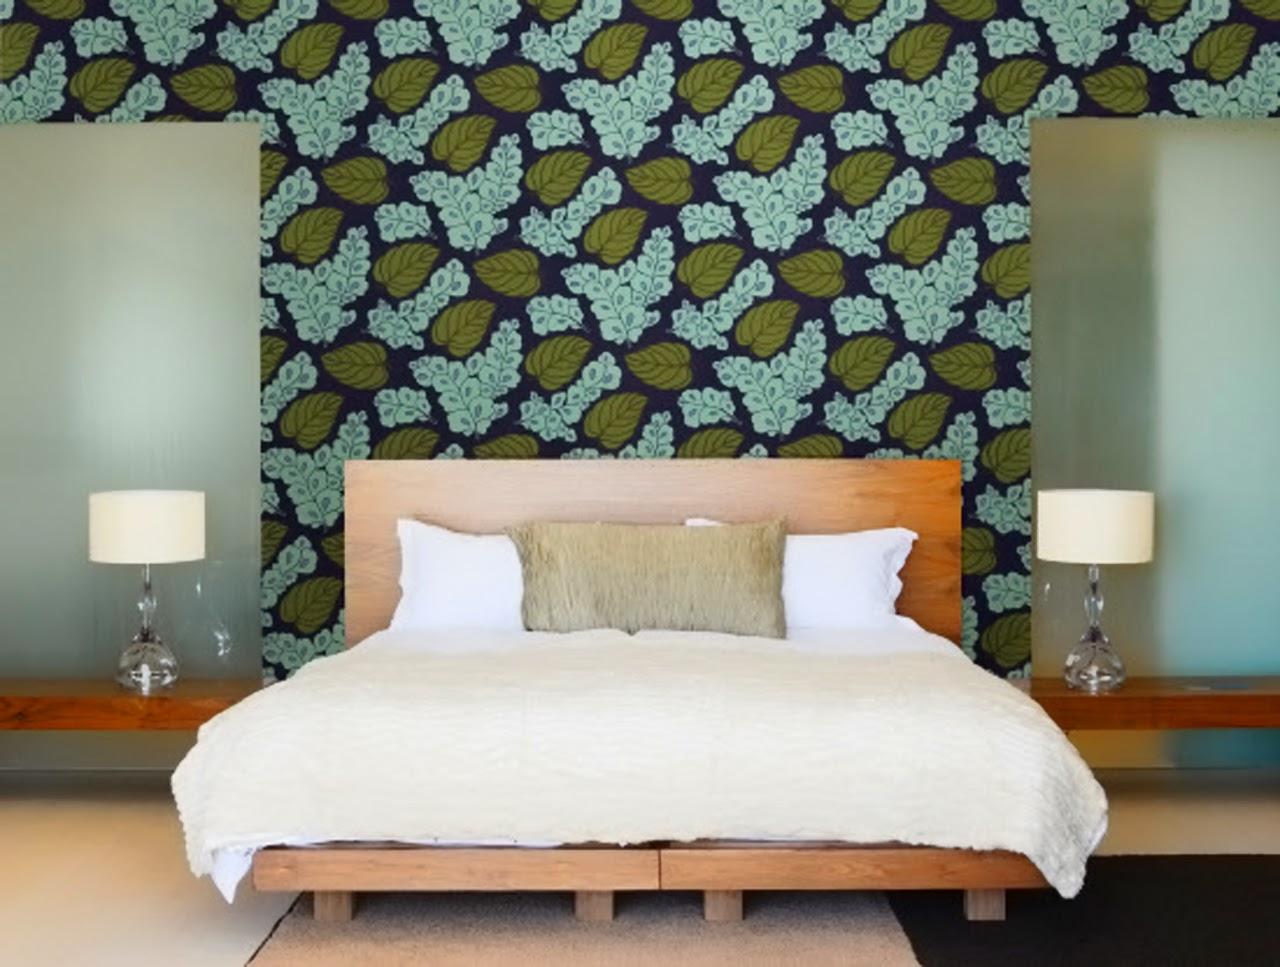 Sherwin Williams Wallpaper ~ WallpaperYork